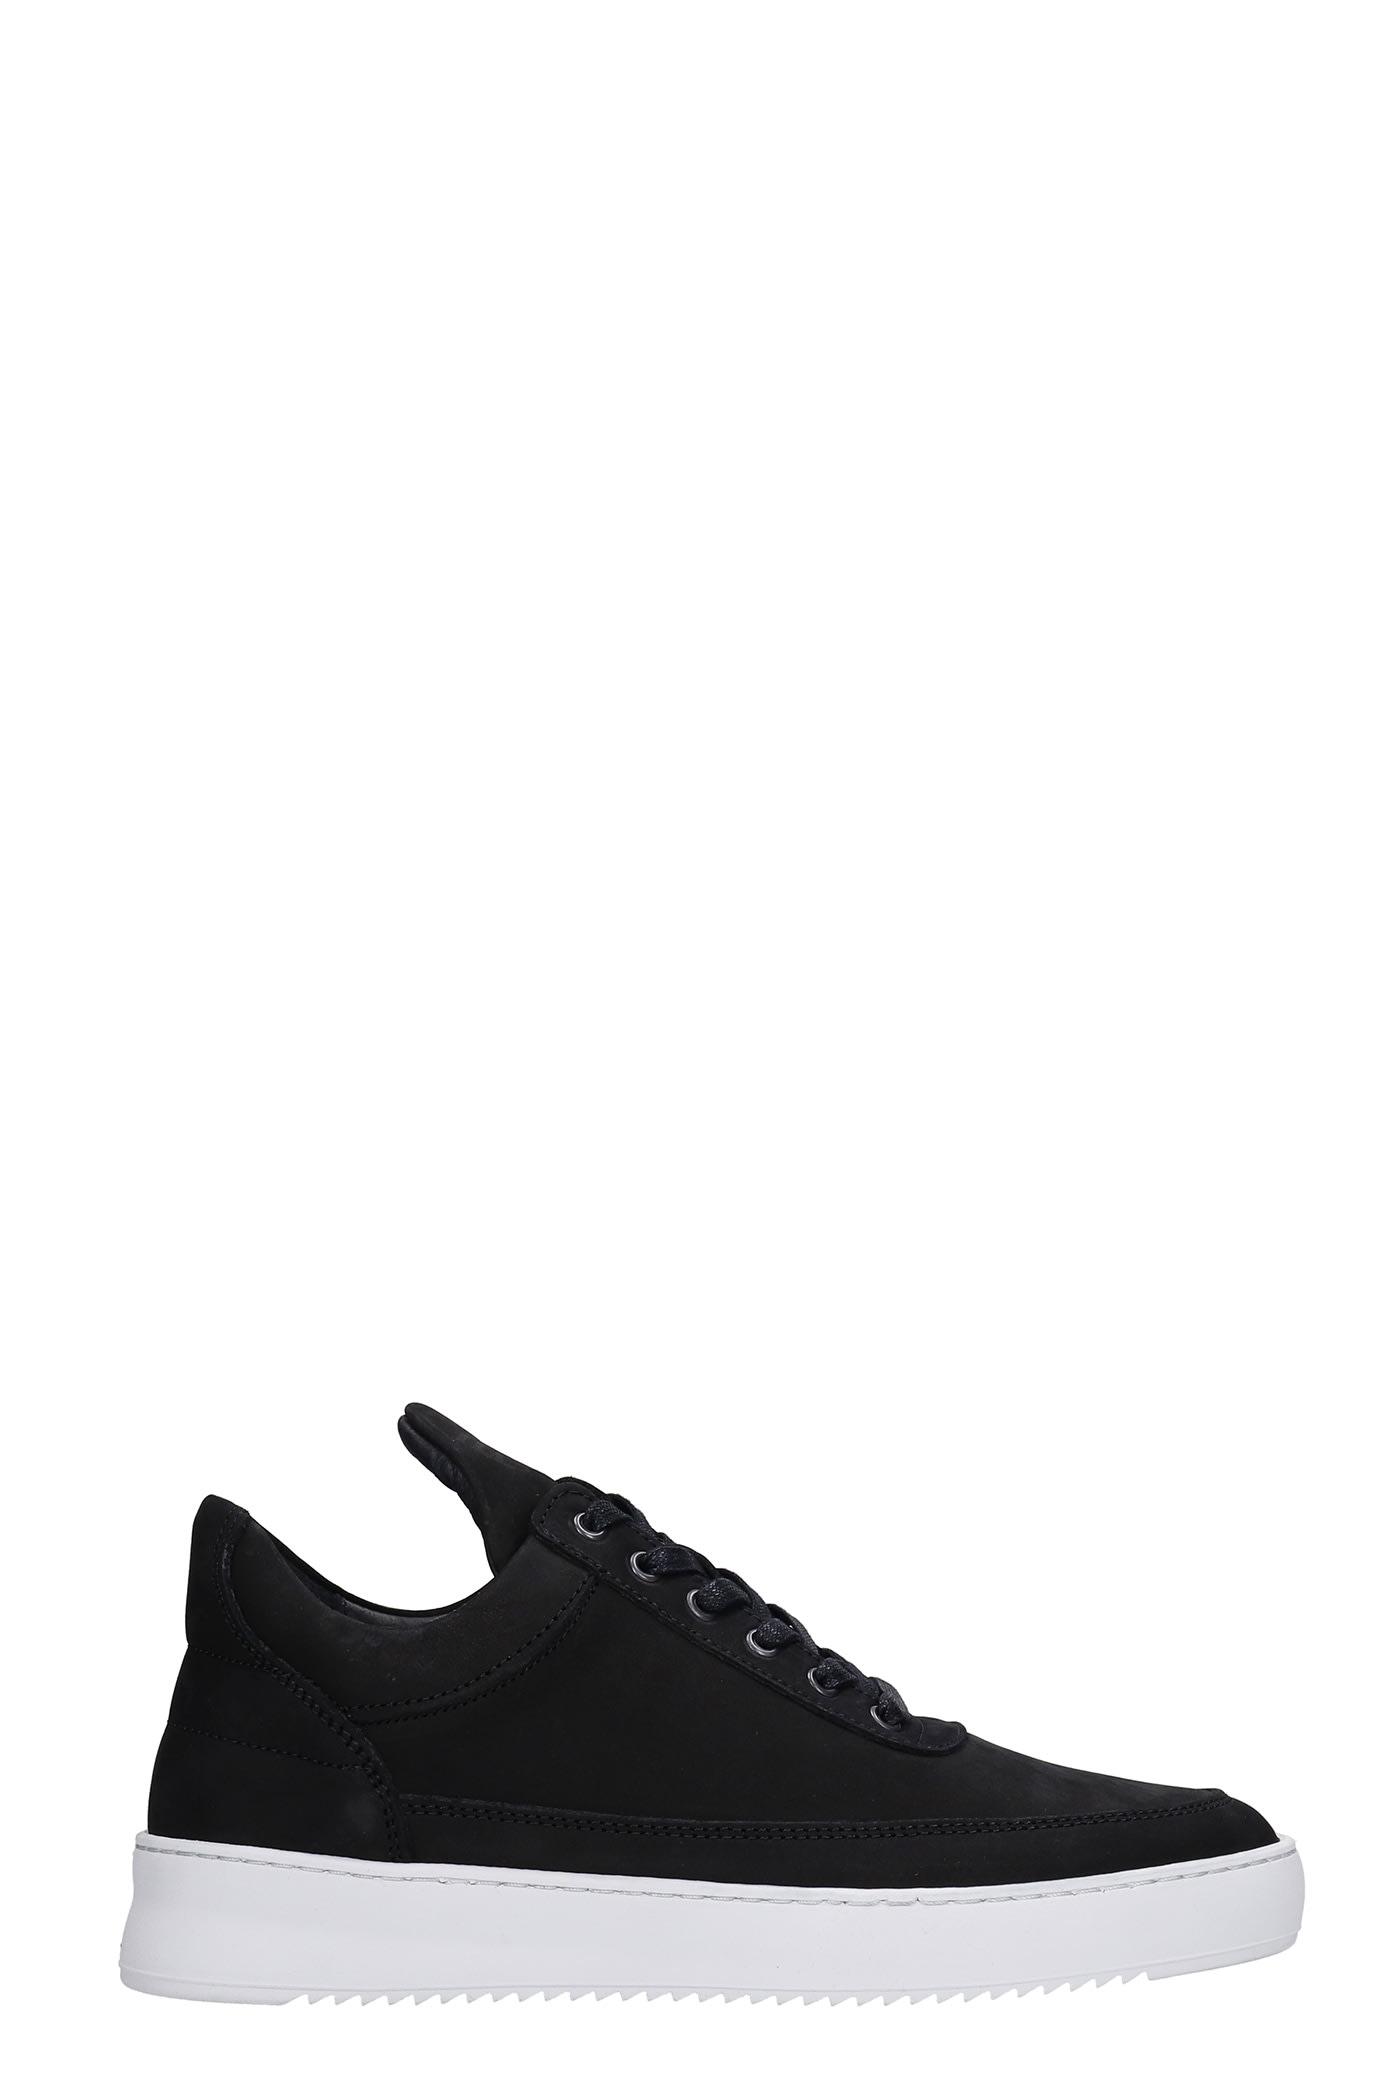 Low Top Ripple Sneakers In Black Nubuck